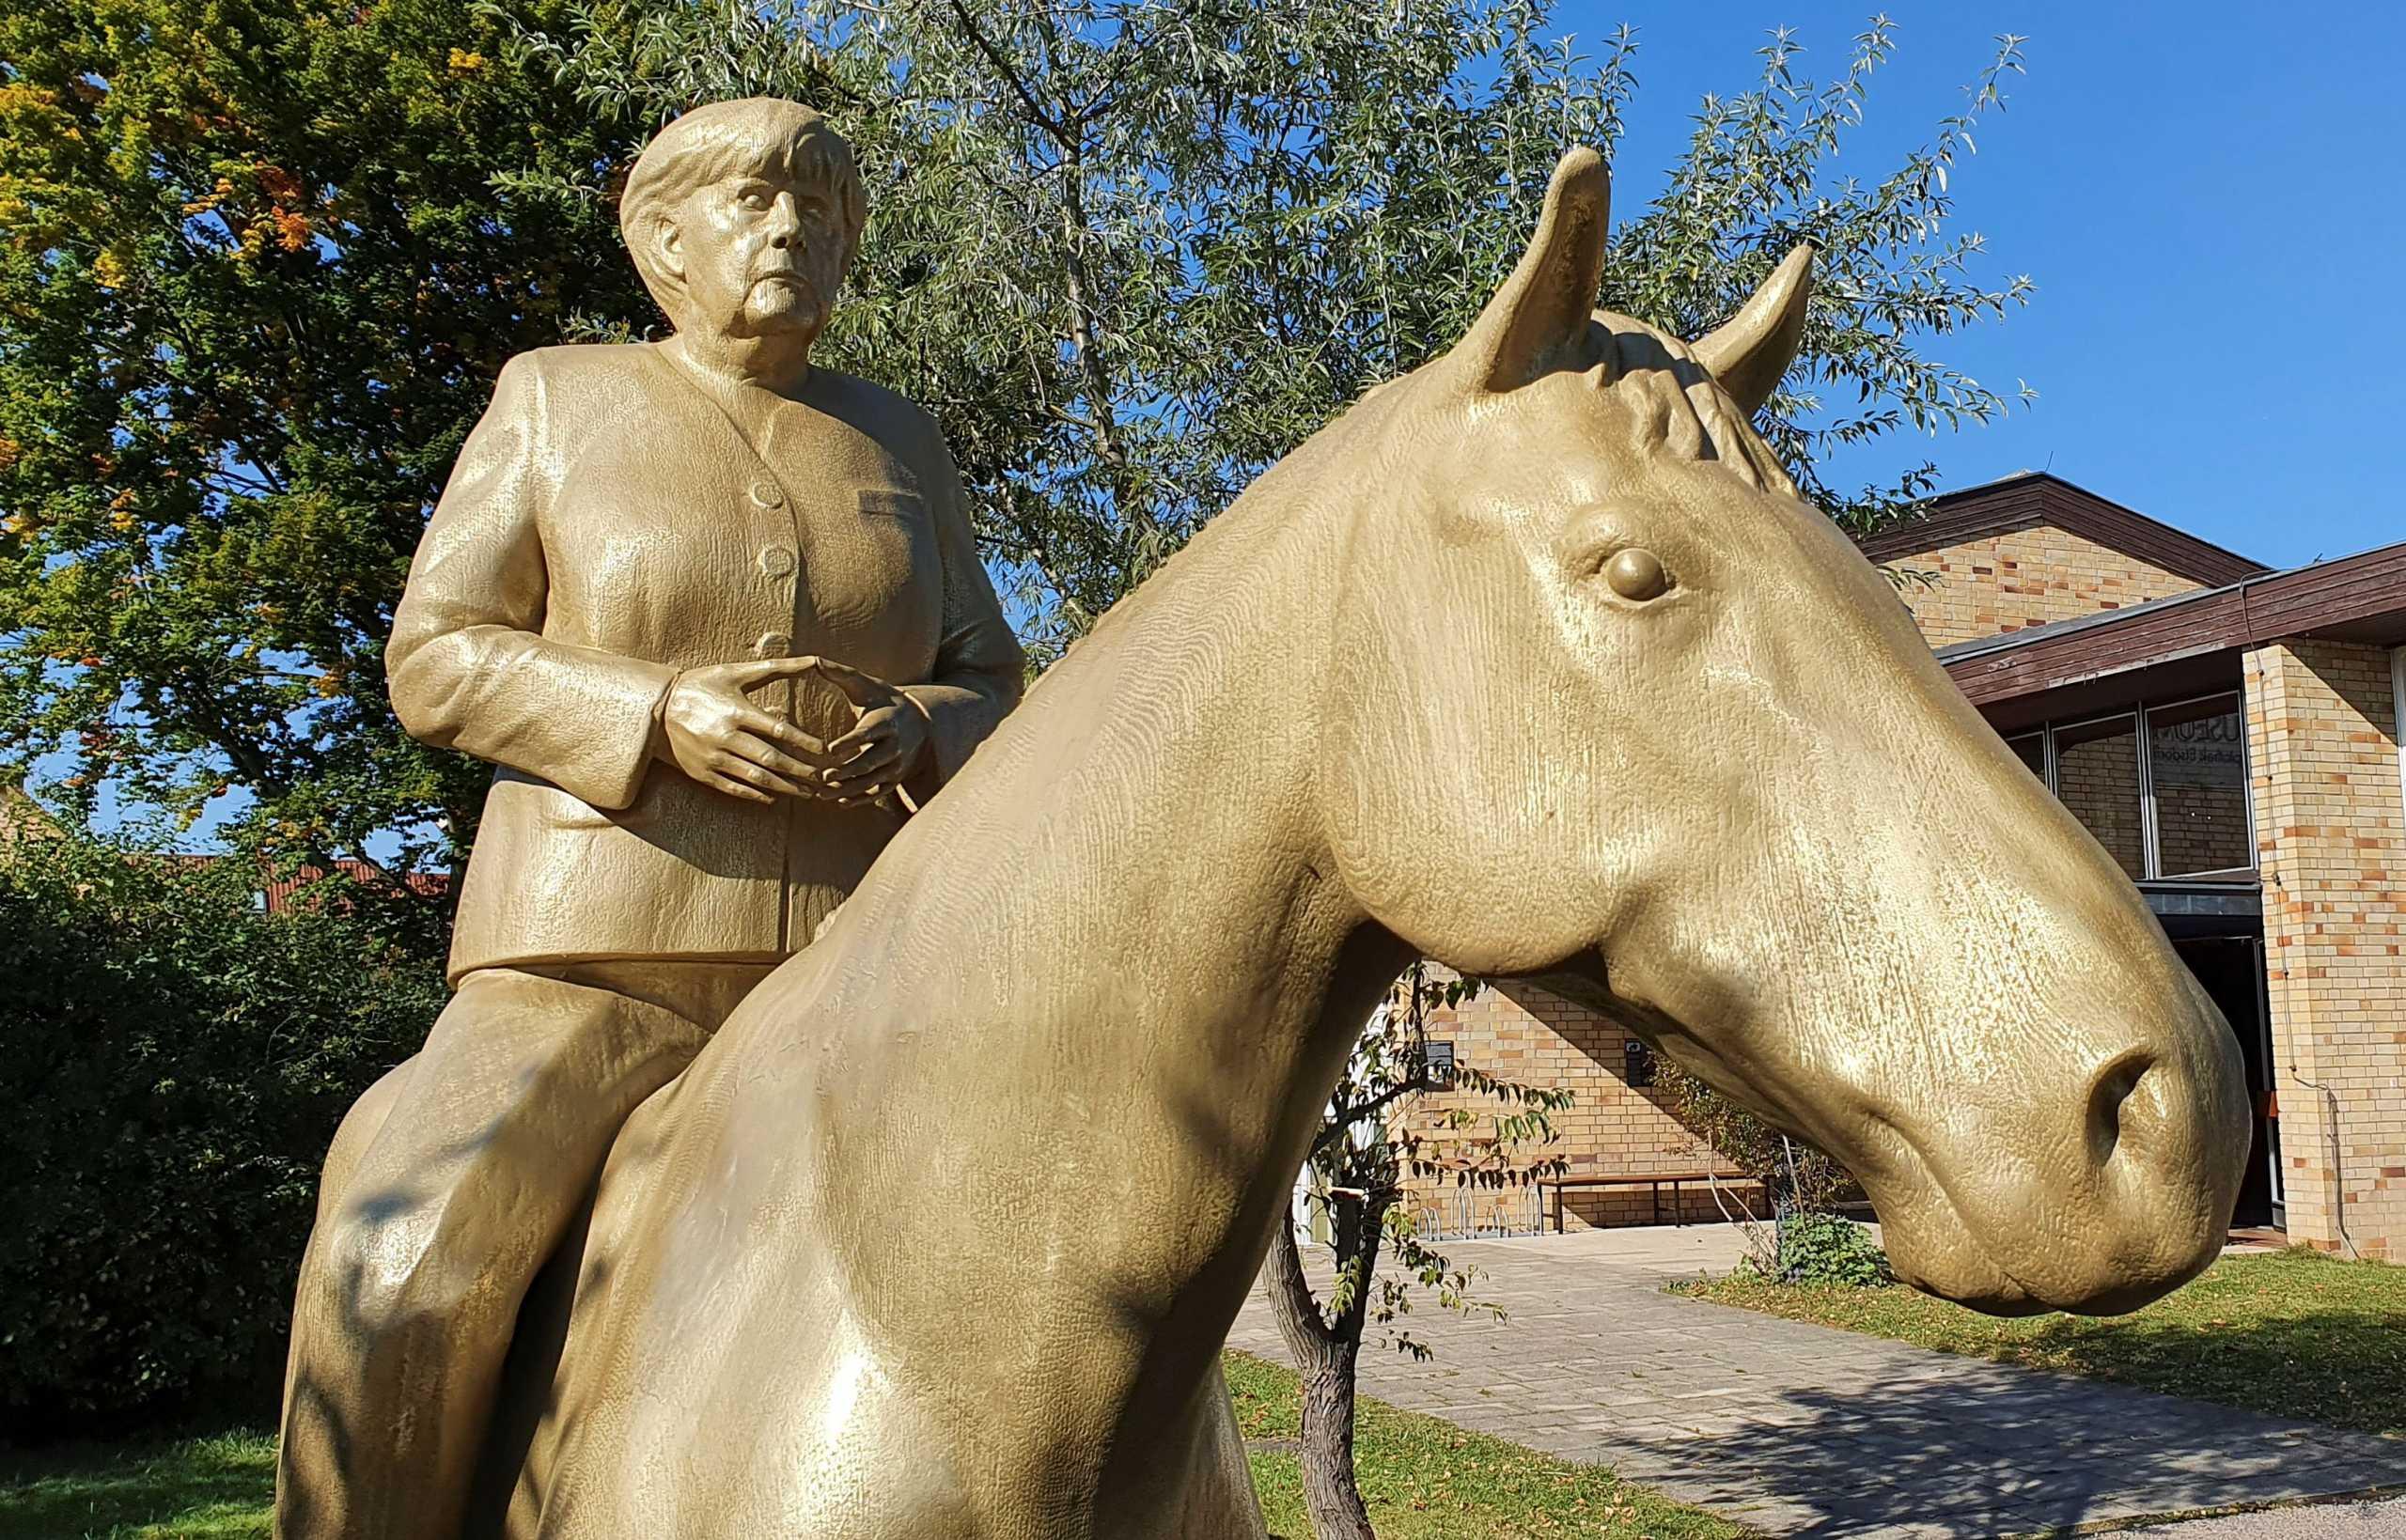 Άνγκελα Μέρκελ: Χαμός στη Γερμανία για το άγαλμα... καβάλα στ' άλογο